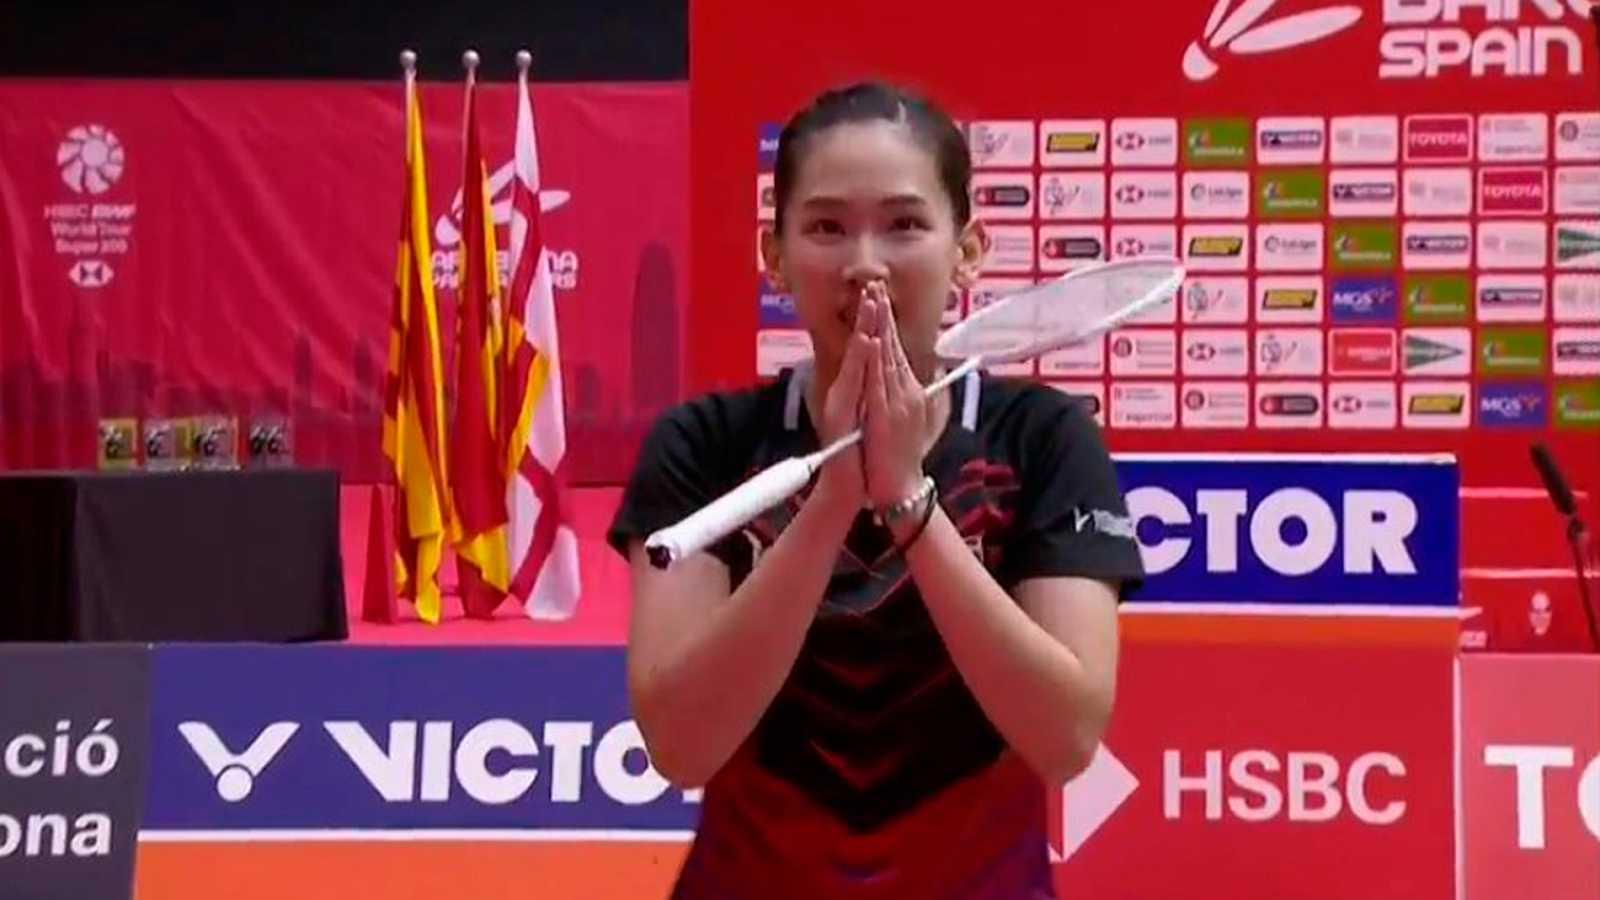 Los mejores puntos de la final Chochuwong - Marín